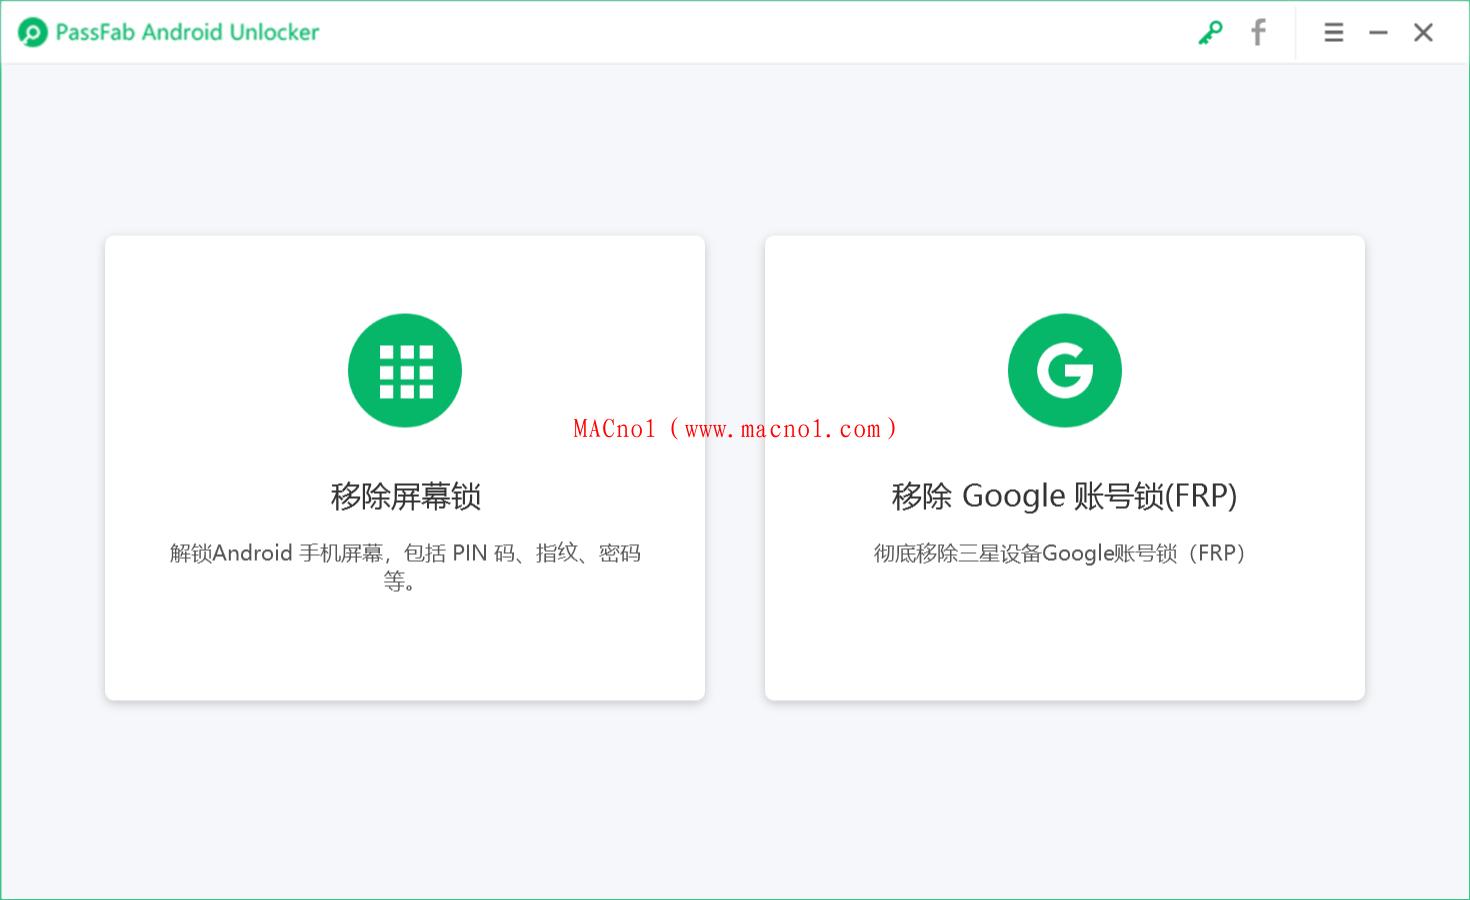 PassFab Android Unlocker 2.png